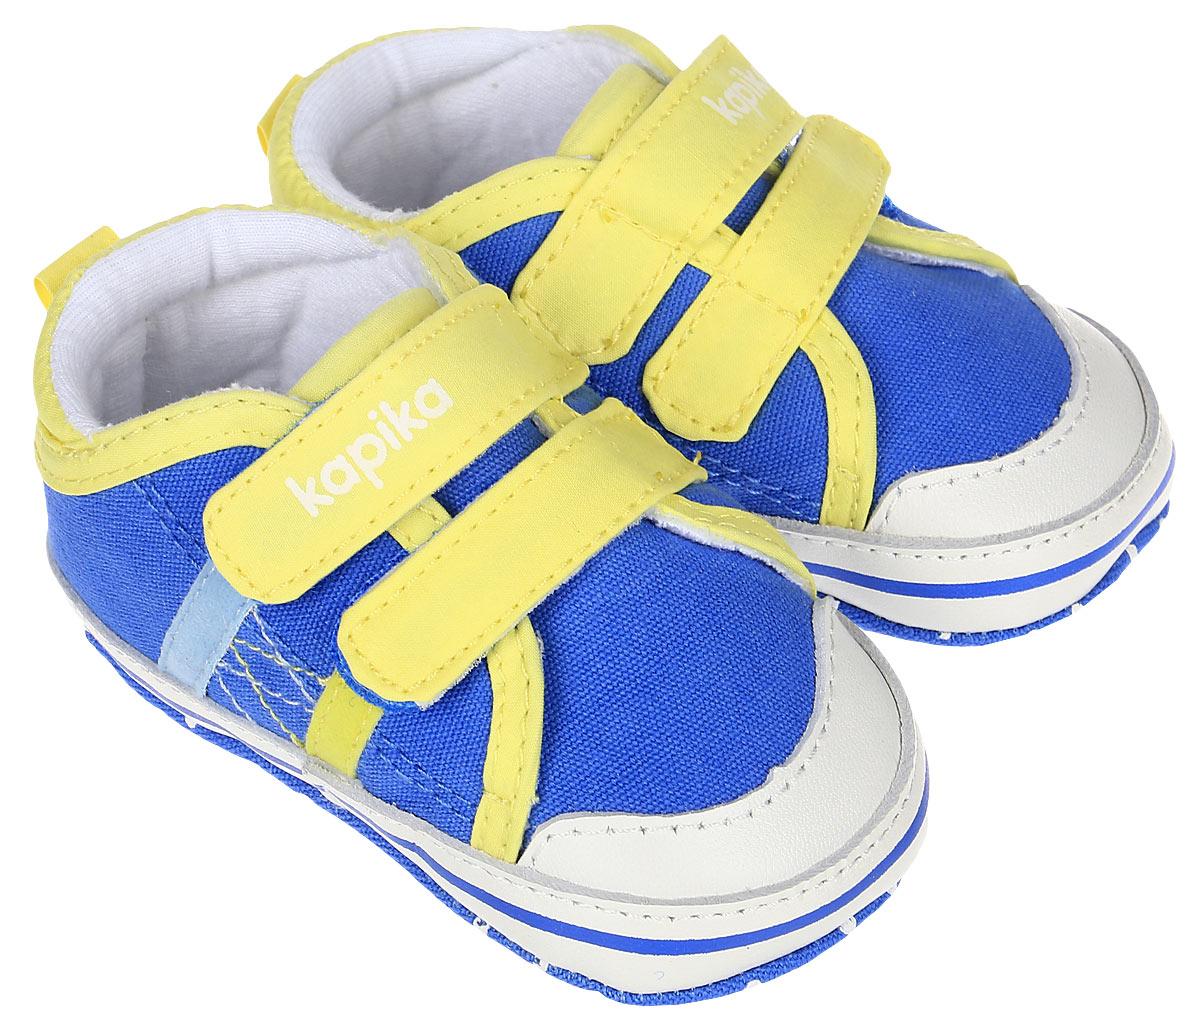 Пинетки для мальчика Kapika, цвет: голубой, желтый. 10128. Размер 1810128Стильные и модные пинетки для мальчика Kapika выполнены из текстиля с элементами из натуральной кожи. Модель на застежках-липучках, которые надежно фиксирует пинетки на ножке ребенка и позволяет регулировать их объем. Удобные детские пинетки станут любимой обувью вашего ребенка.